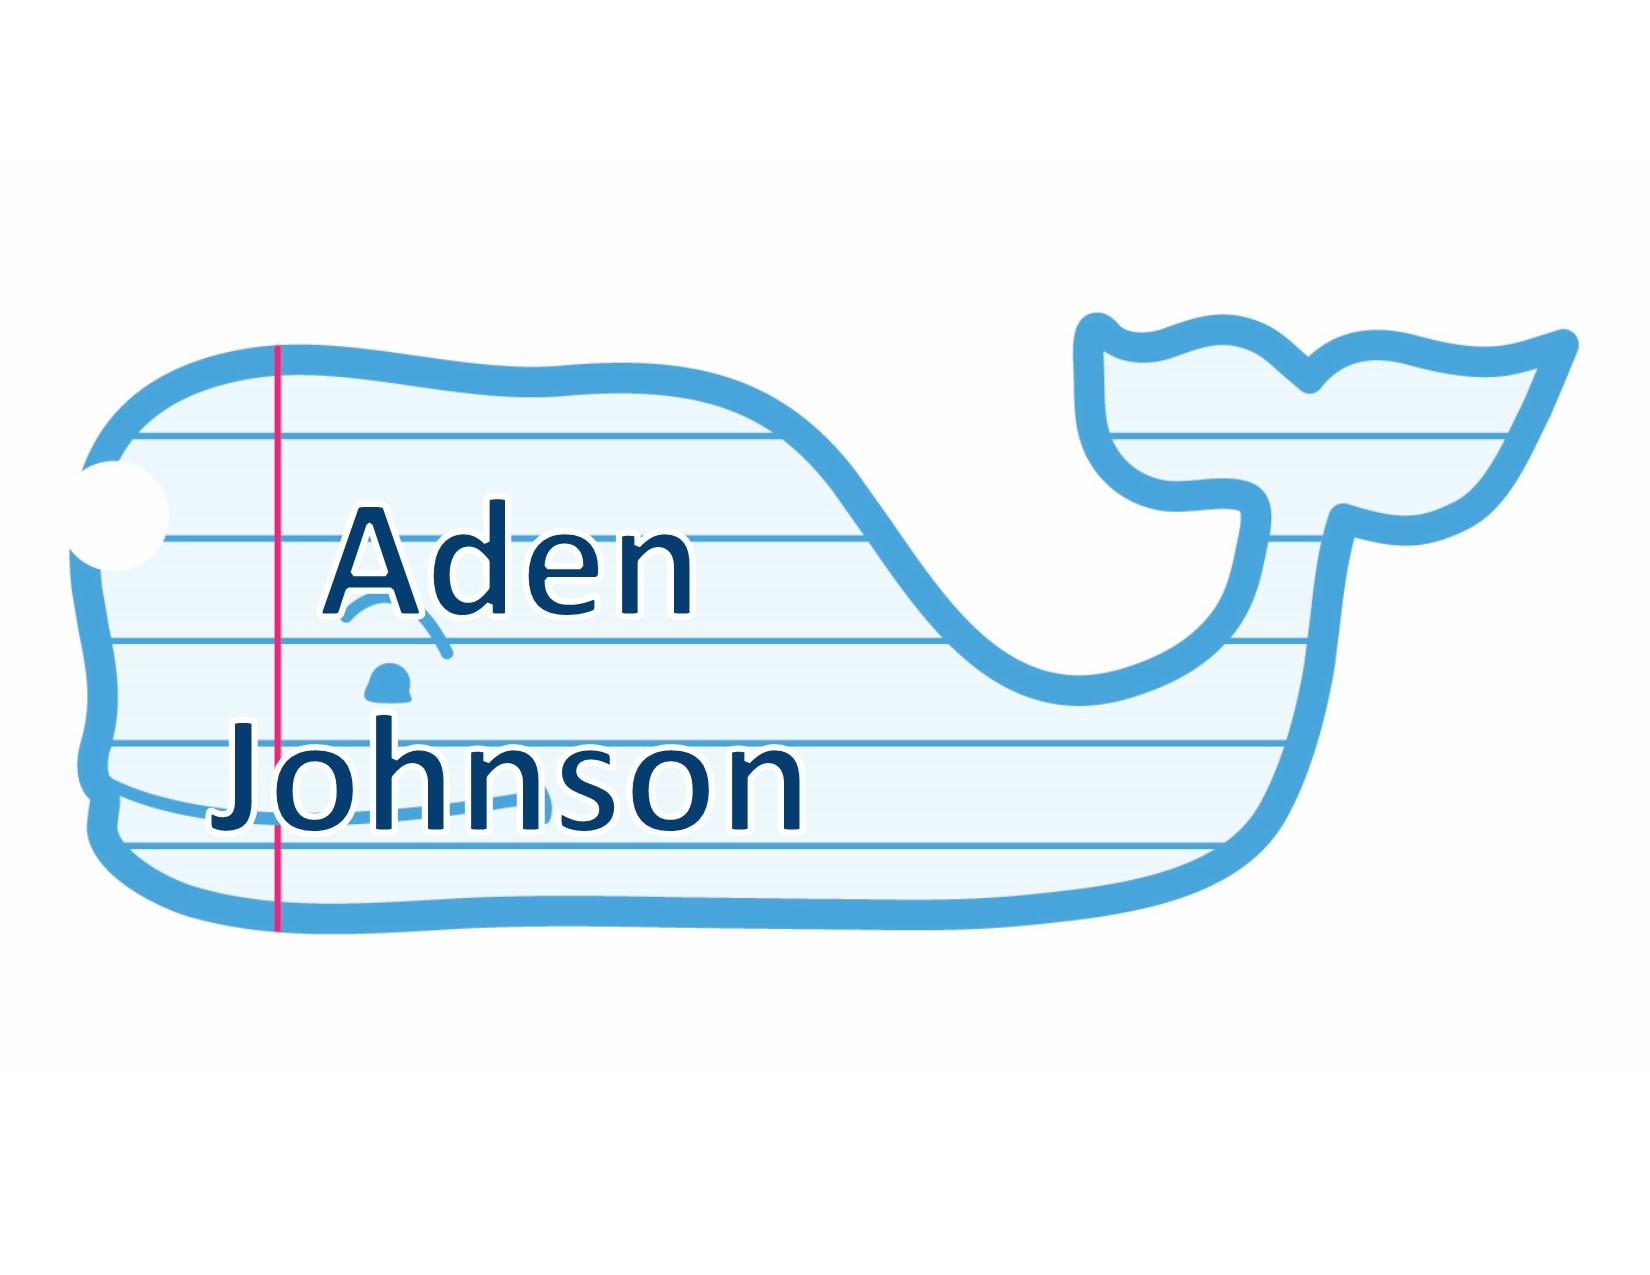 Johnson, Aden.jpg